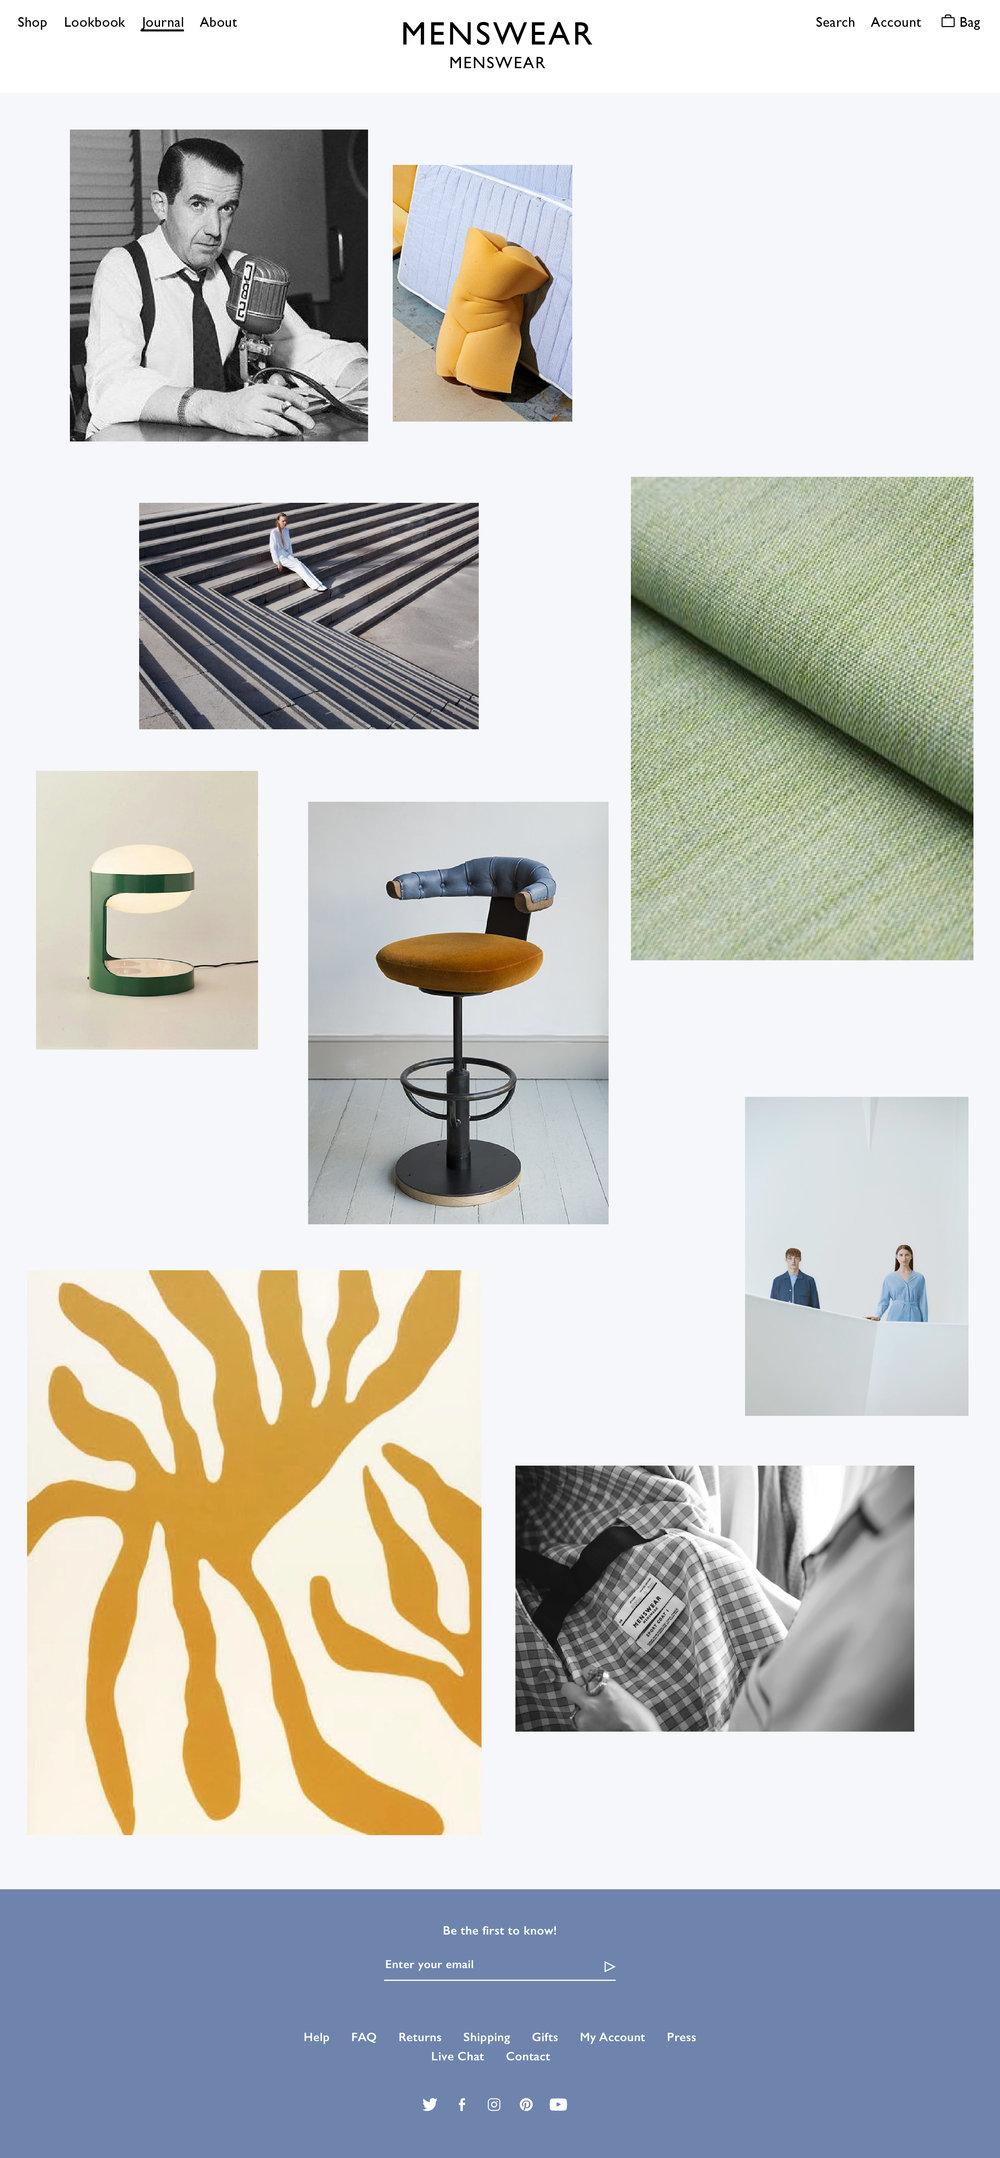 Menswear Menswear Journal Page